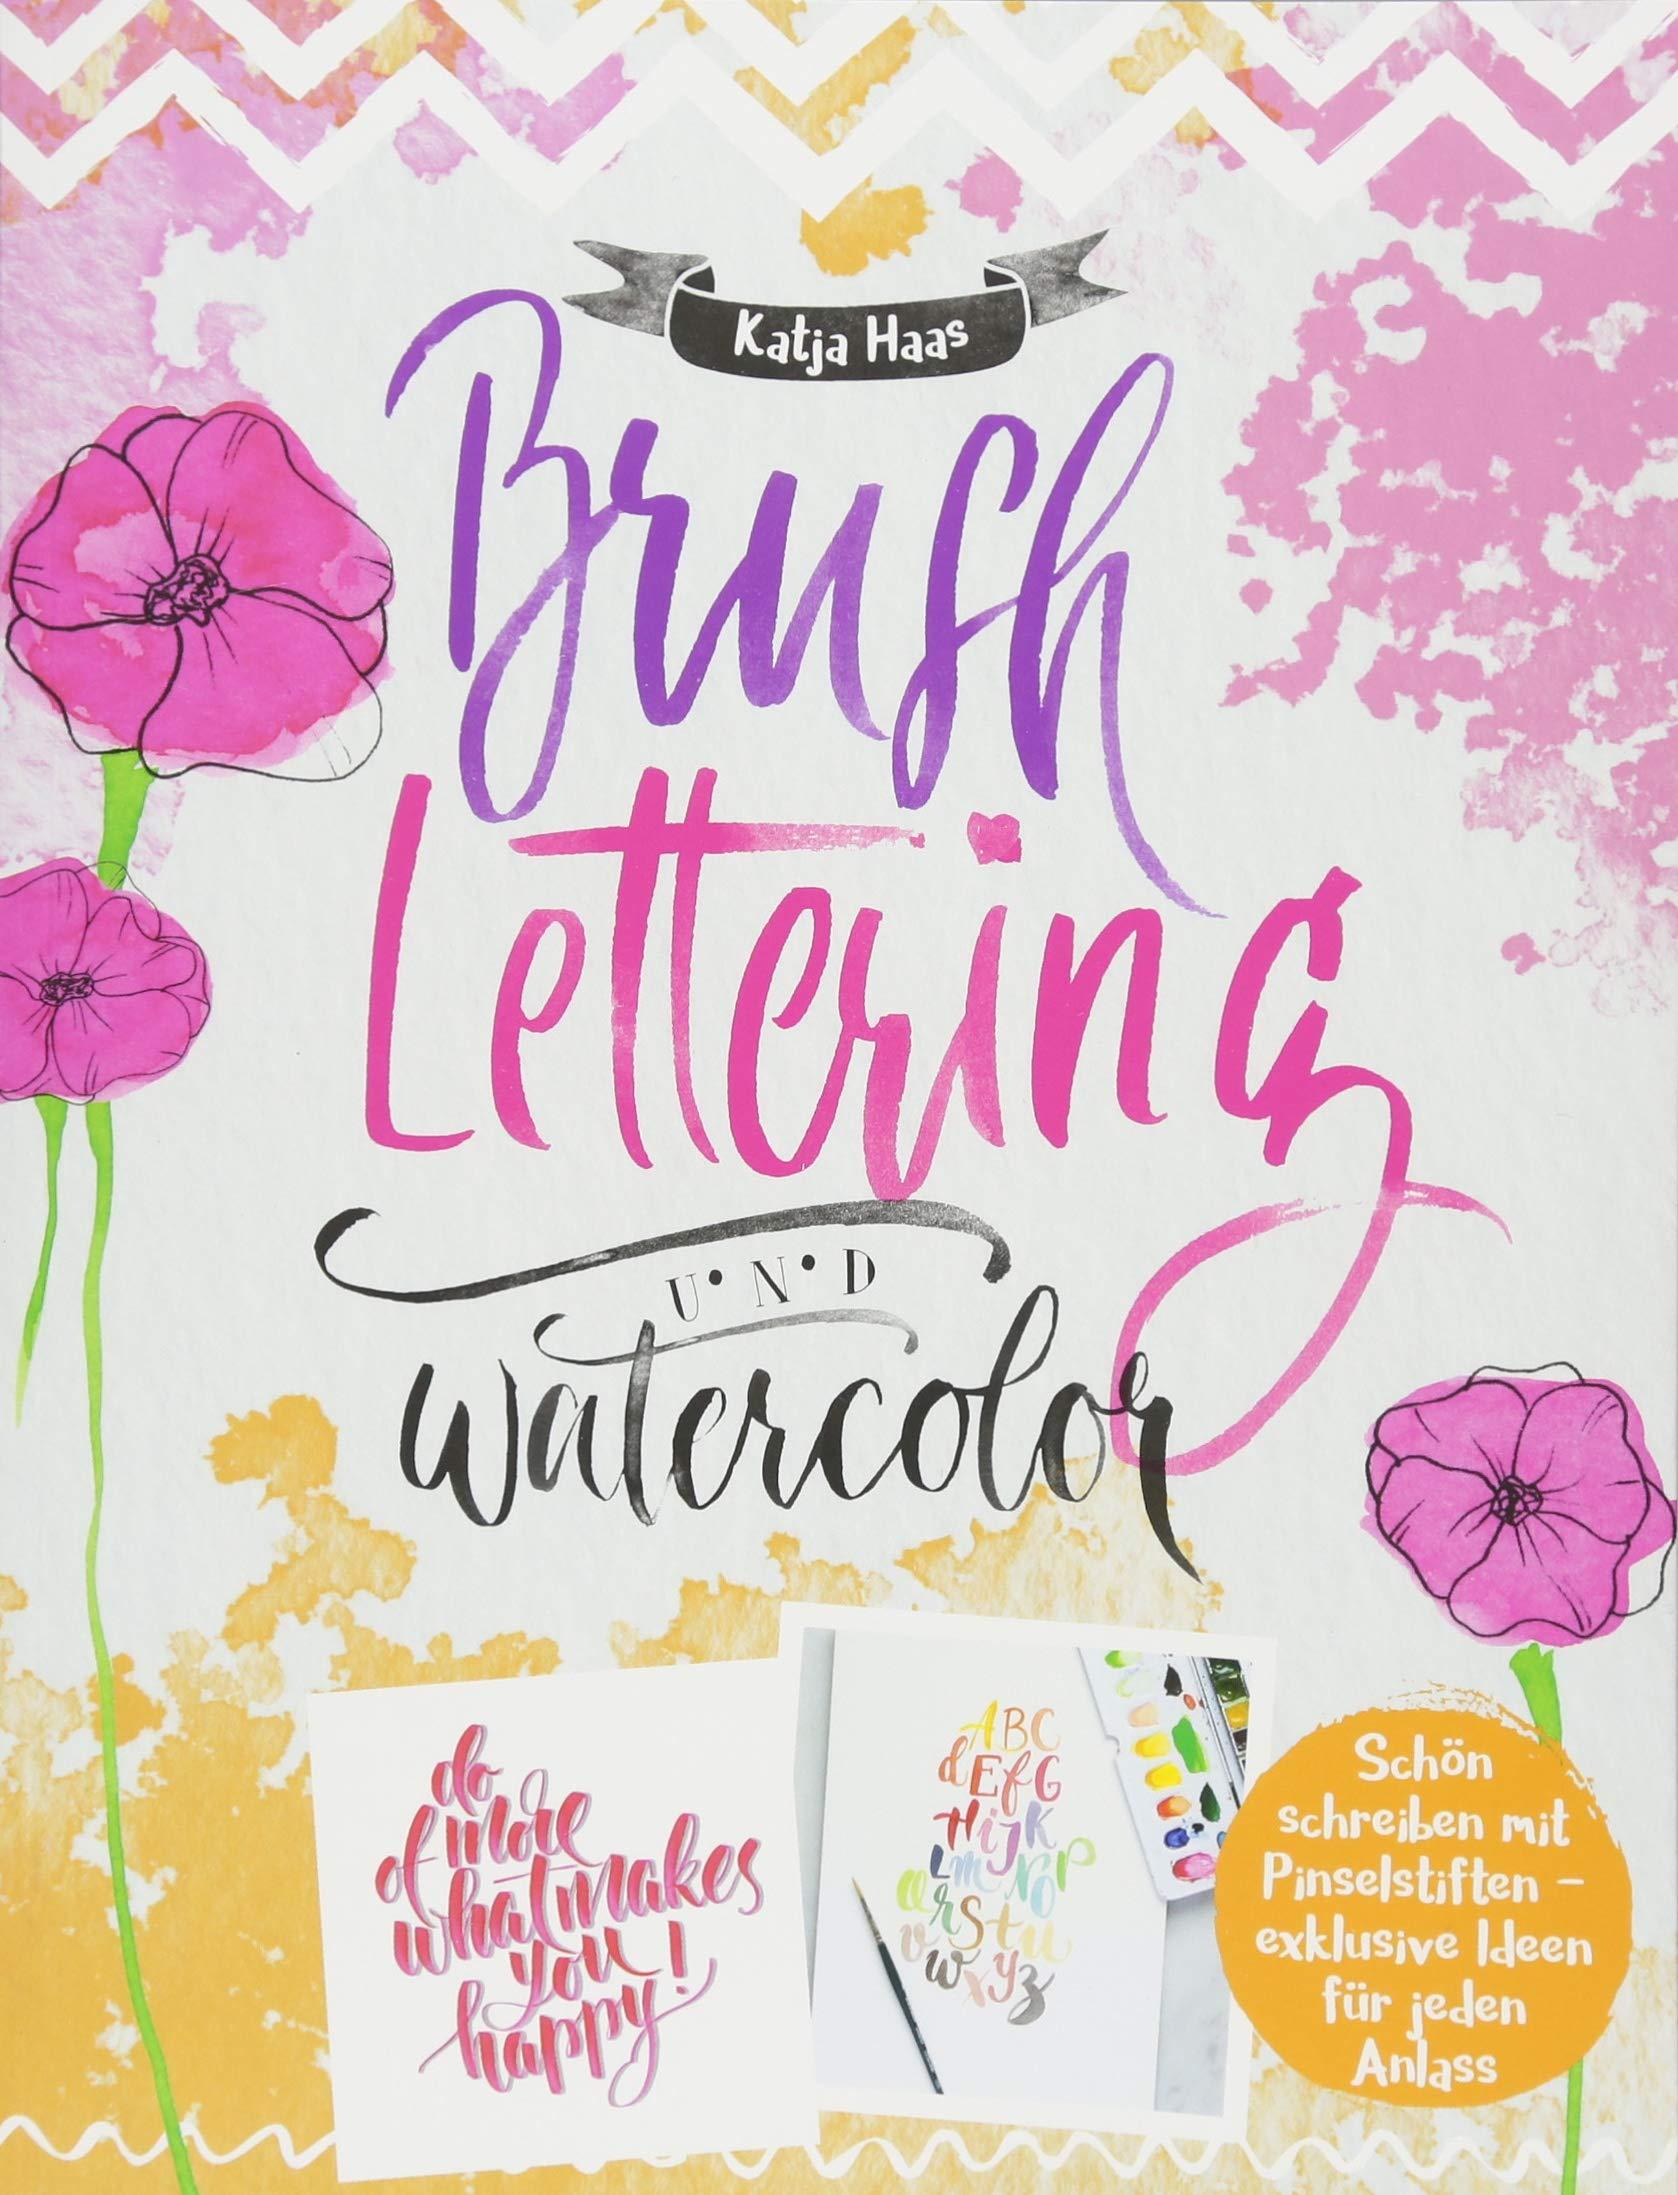 Cover des Buch Brush Lettering Und Watercolor von Katja Haas